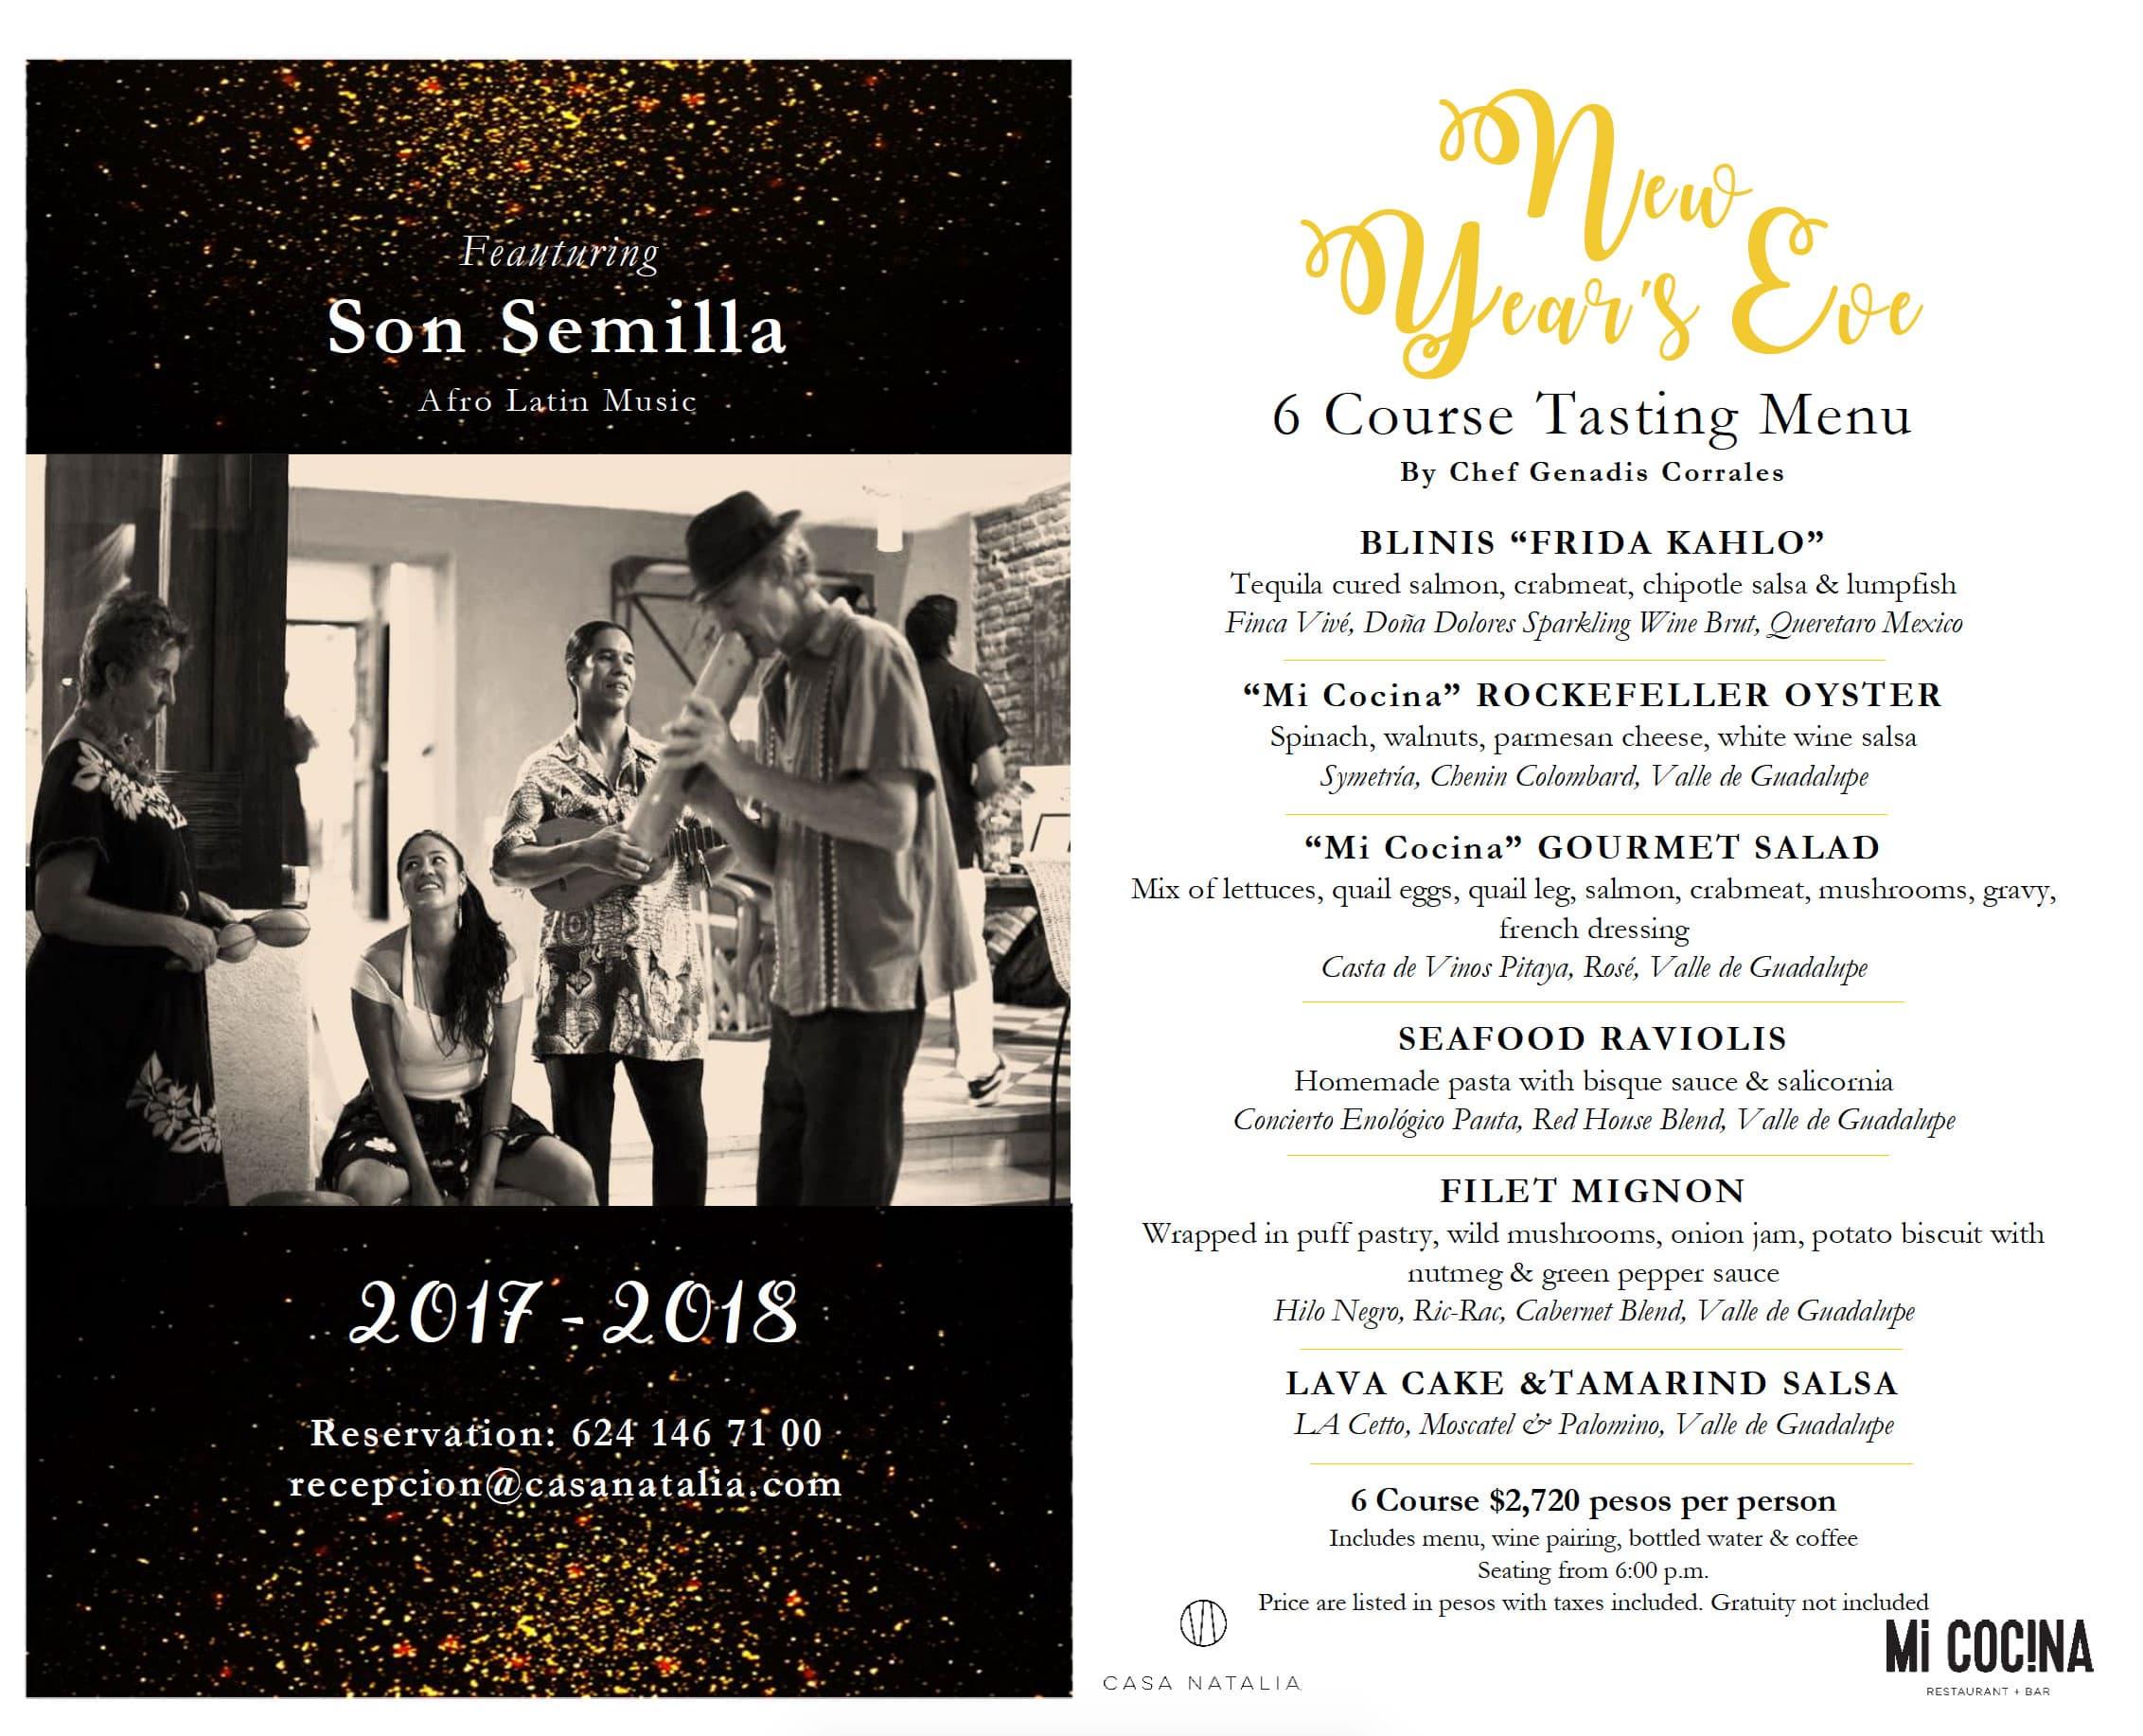 New Year Casa Natalia